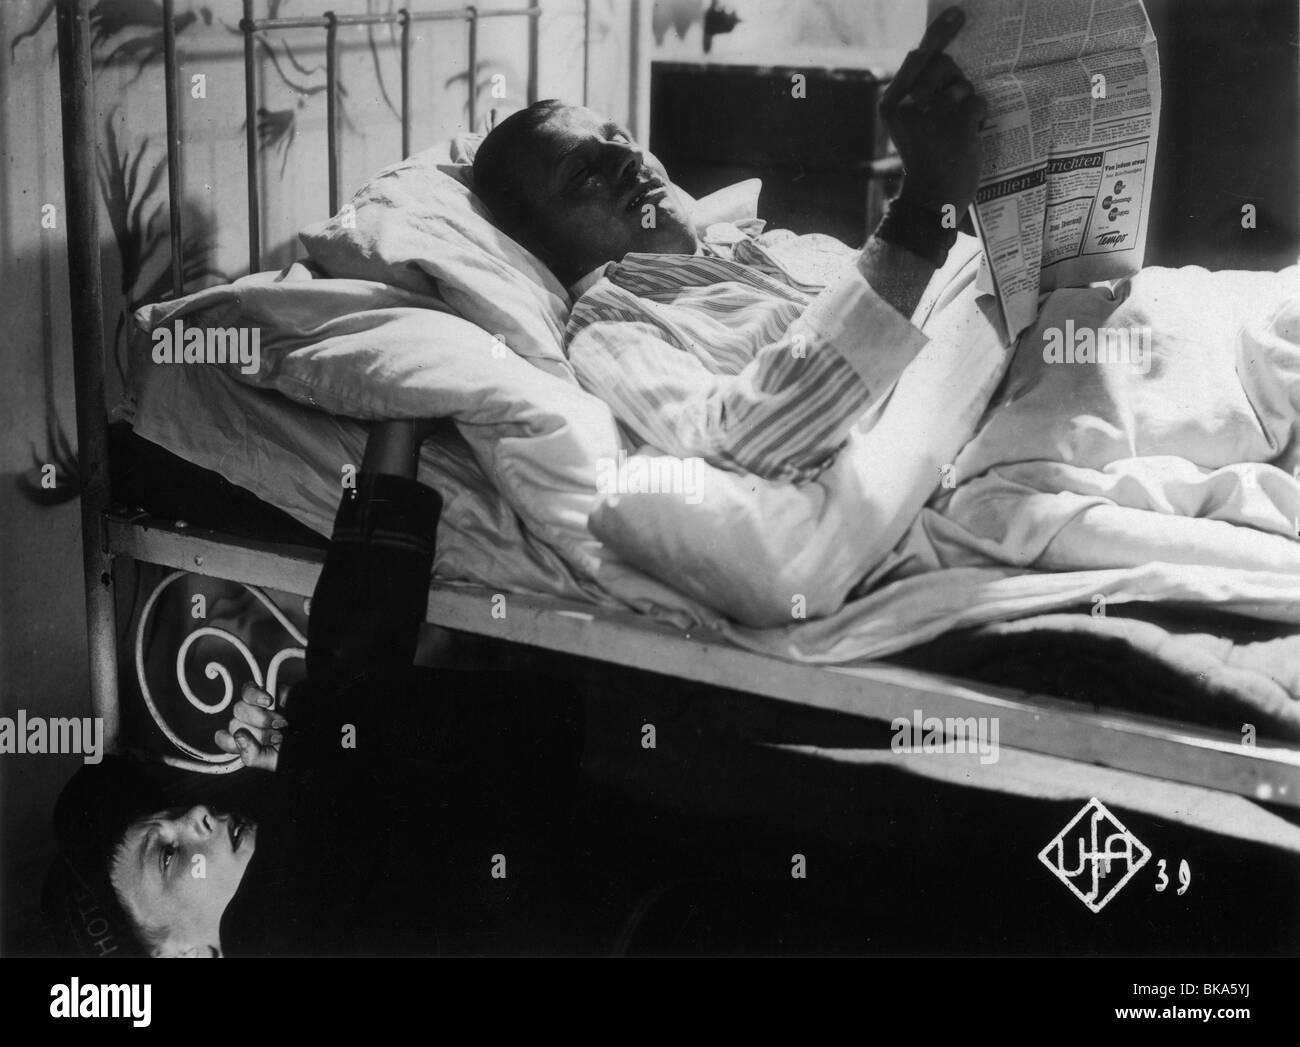 Emil und die Detektive Anno : 1931 Direttore : Gerhard Lamprecht Rolf Wenkhaus, Fritz raspa basato su Erich Kästner Immagini Stock